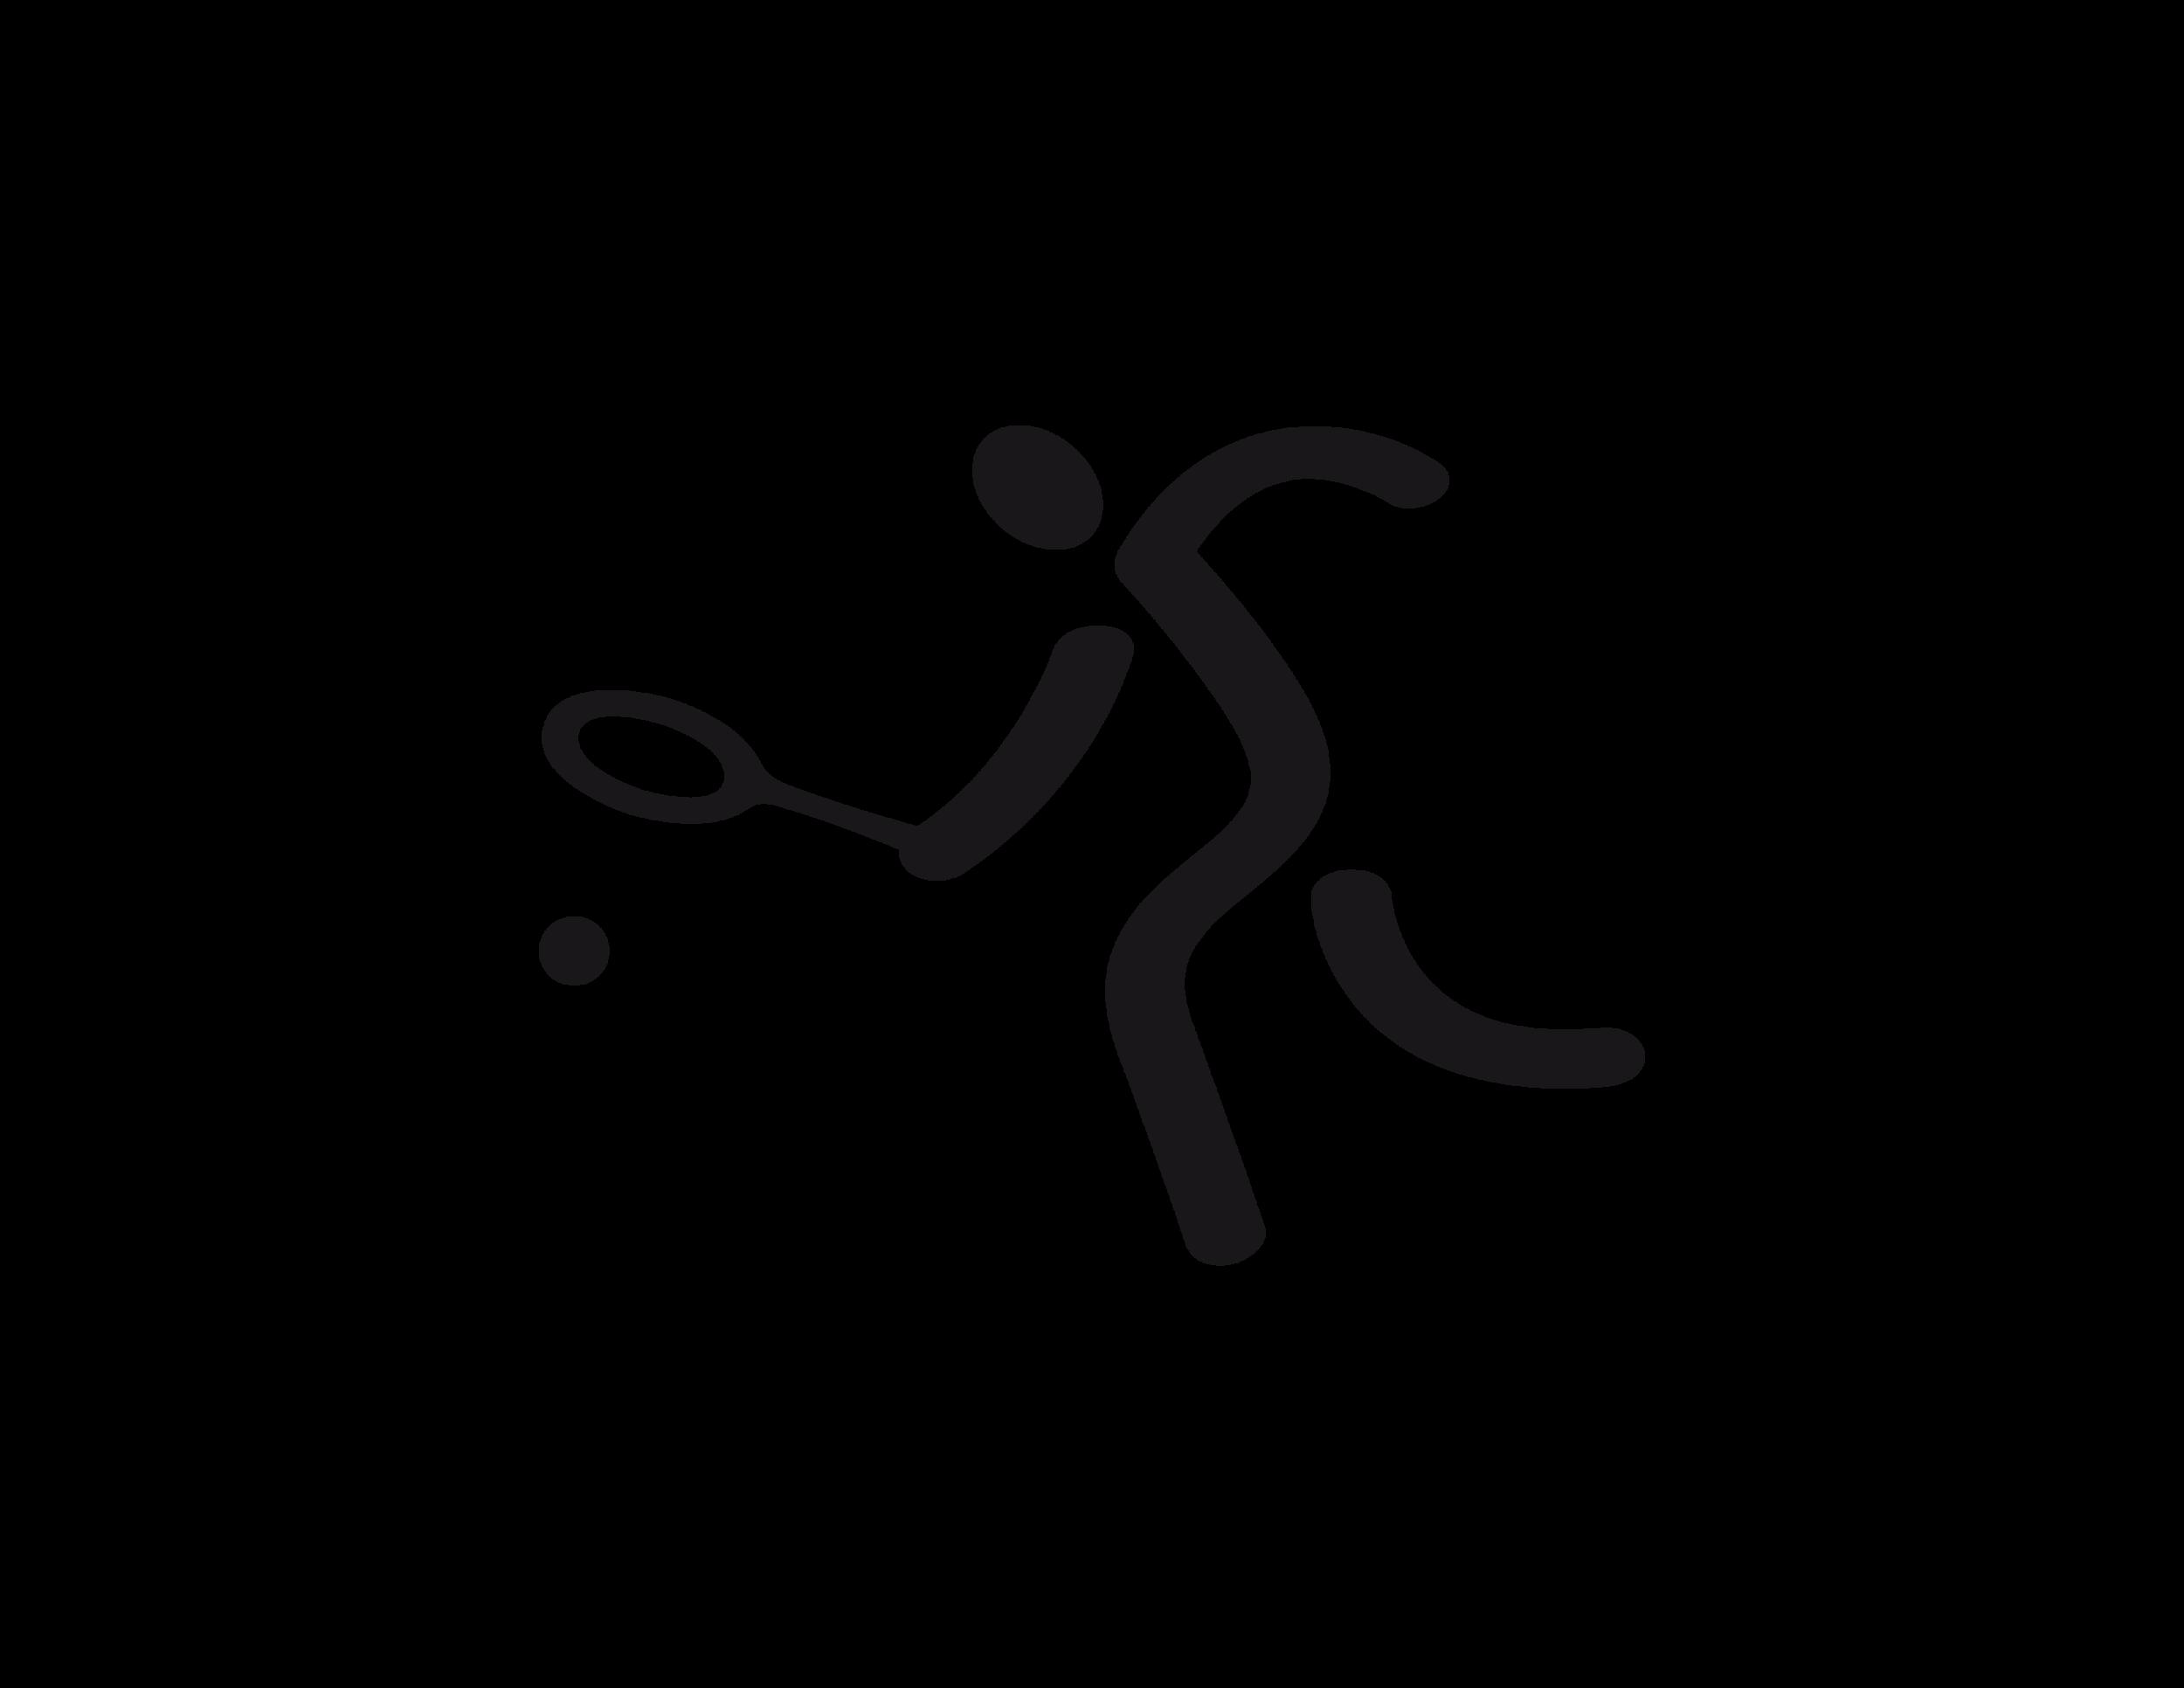 Tenis de Campo - Sobre el tenis: el tenis es un deporte popular jugado por jugadores de todas las edades, en todos los niveles de habilidad. Los atletas están entrenados en todos los aspectos del juego, incluida la producción de golpes, el arte de la cancha y las reglas de la competencia. El deporte enfatiza los valores, como el juego limpio, la deportividad y el respeto por los competidores. El tenis no solo es divertido de jugar, sino que es una actividad deportiva de por vida que es divertida de practicar y divertida de aprender.Diferencias de Tenis de Olimpiadas Especiales: El Tenis de Olimpiadas Especiales se lleva a cabo bajo las reglas de la ITF. Las reglas de Olimpiadas Especiales para el Tenis proporcionan modificaciones para controlar la duración de los partidos a través de la puntuación sin adición y opciones para los Conjuntos cortos. Más recientemente, Olimpiadas Especiales ha introducido opciones adicionales para pistas más cortas y pelotas de baja compresión para atletas de baja capacidadEventos para la competencia: Competencia de habilidades individualesSingles Dobles Dobles mixtos Deportes dobles duplicados Dobles mixtos deportivos mixtosDivisión en Olimpiadas Especiales: los atletas de todos los deportes y eventos se agrupan por edad, sexo y capacidad, dando a todos la oportunidad de ganar. En Olimpiadas Especiales no hay récords mundiales porque cada atleta, ya sea en la división más rápida o más lenta, se valora y reconoce por igual. En cada división, todos los atletas reciben un premio, desde medallas de oro, plata y bronce, hasta cintas de cuarto a octavo lugar. Esta idea de agrupaciones de igual capacidad es la base de la competencia en Olimpiadas Especiales y se puede presenciar en cualquier evento, ya sea atletismo, deportes acuáticos, tenis de mesa, fútbol, squí o gimnasia. Todos los atletas tienen las mismas oportunidades de participar, actuar y ser reconocidos por sus mejores compañeros de equipo, familiares, amigos y fanáticos.